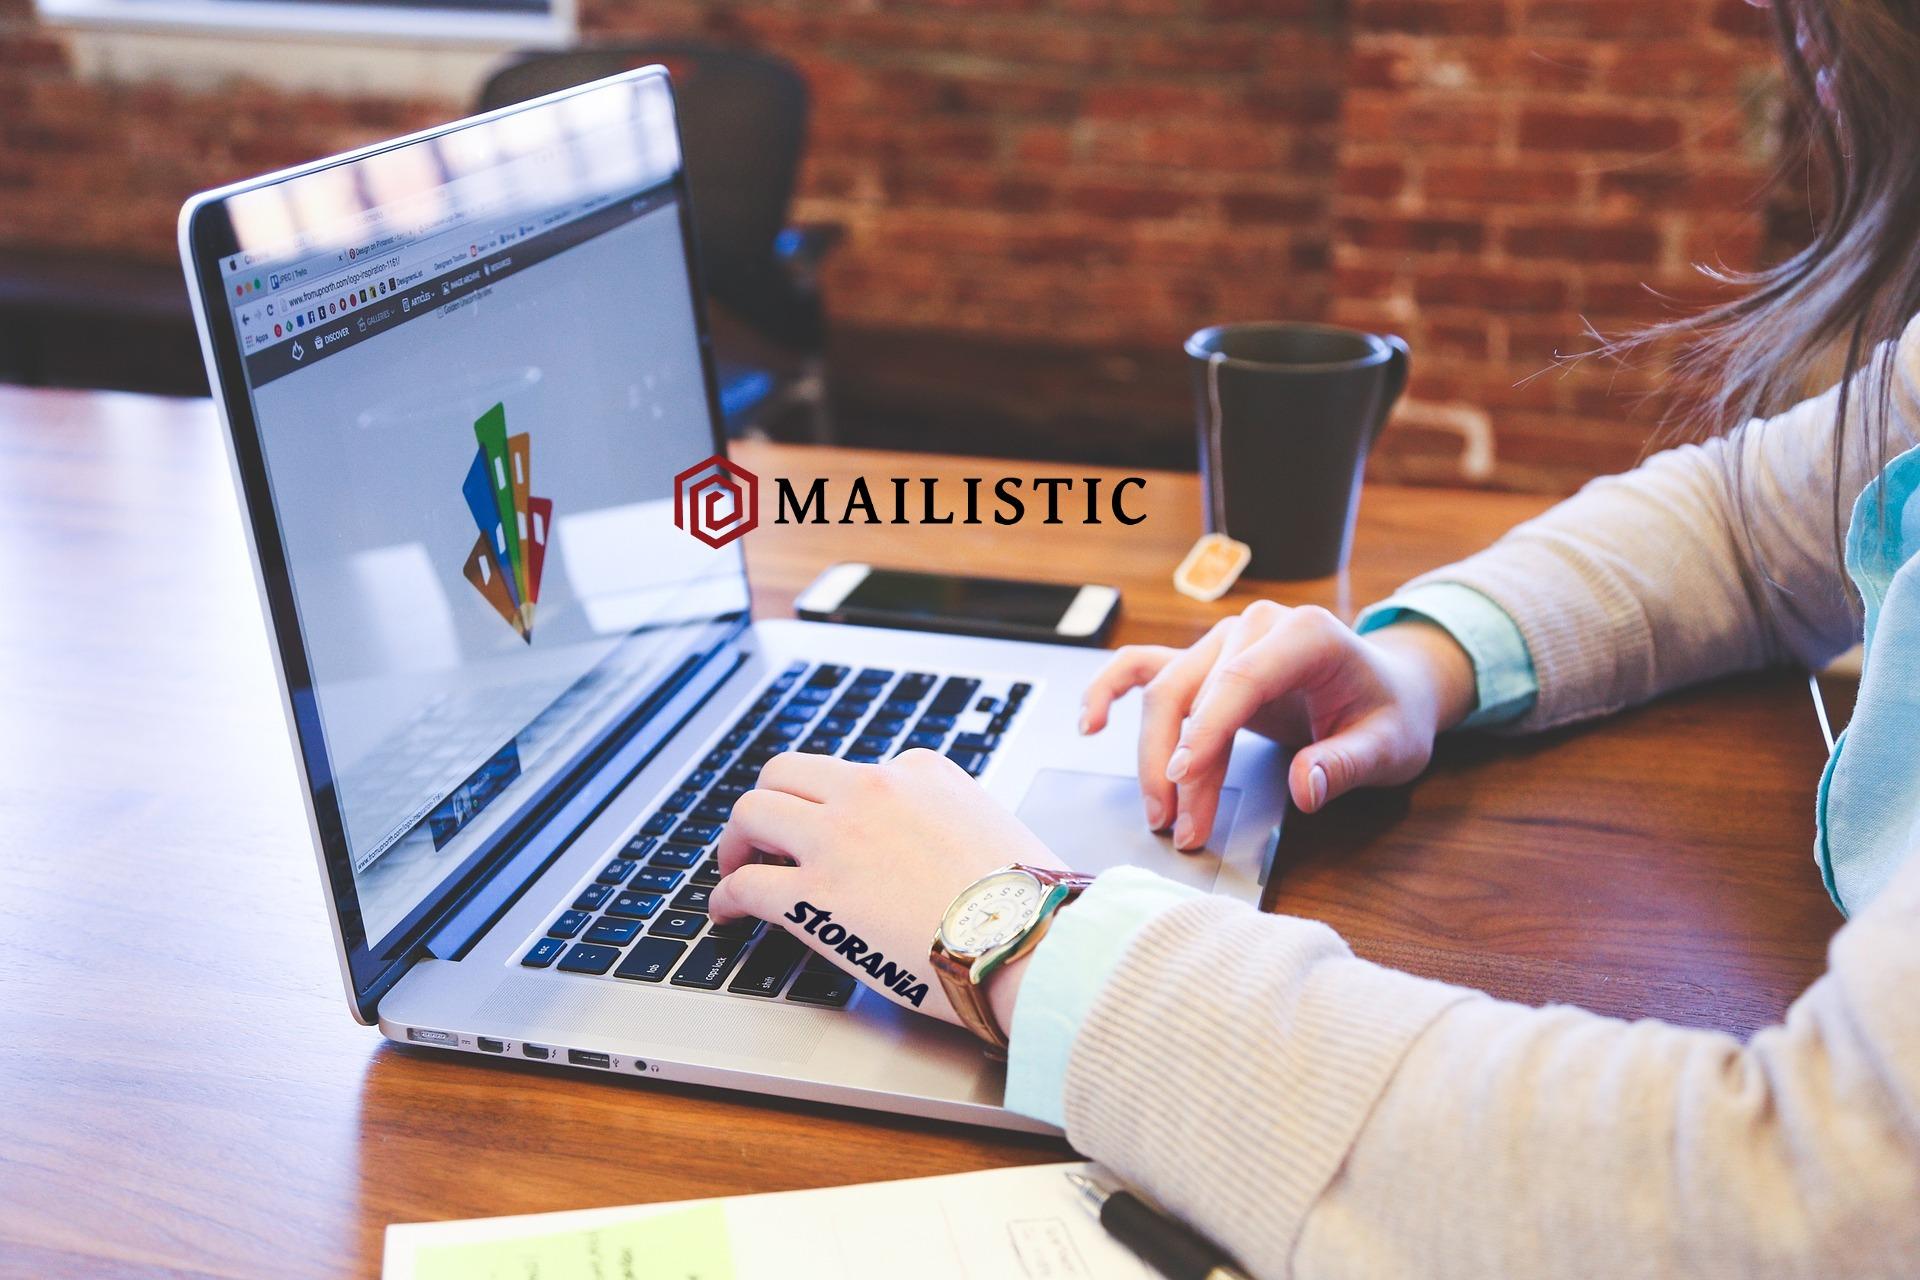 Apa Arti Email Marketing? Ini Arti dan Definisi Pemasaran Email Marketing